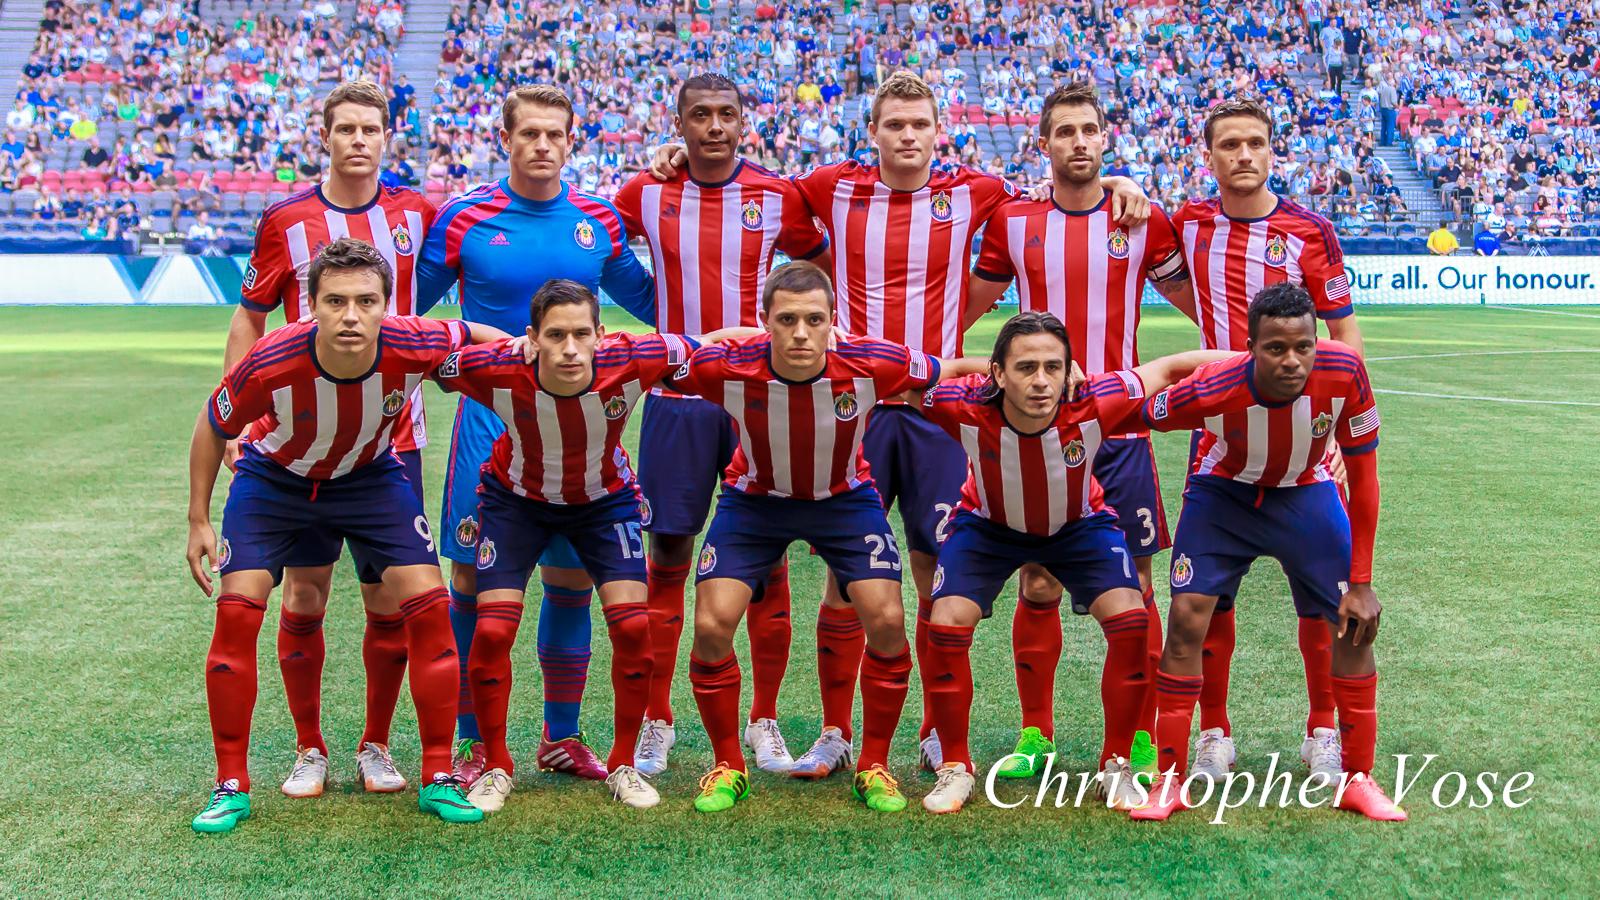 2014-07-14 CD Chivas.jpg